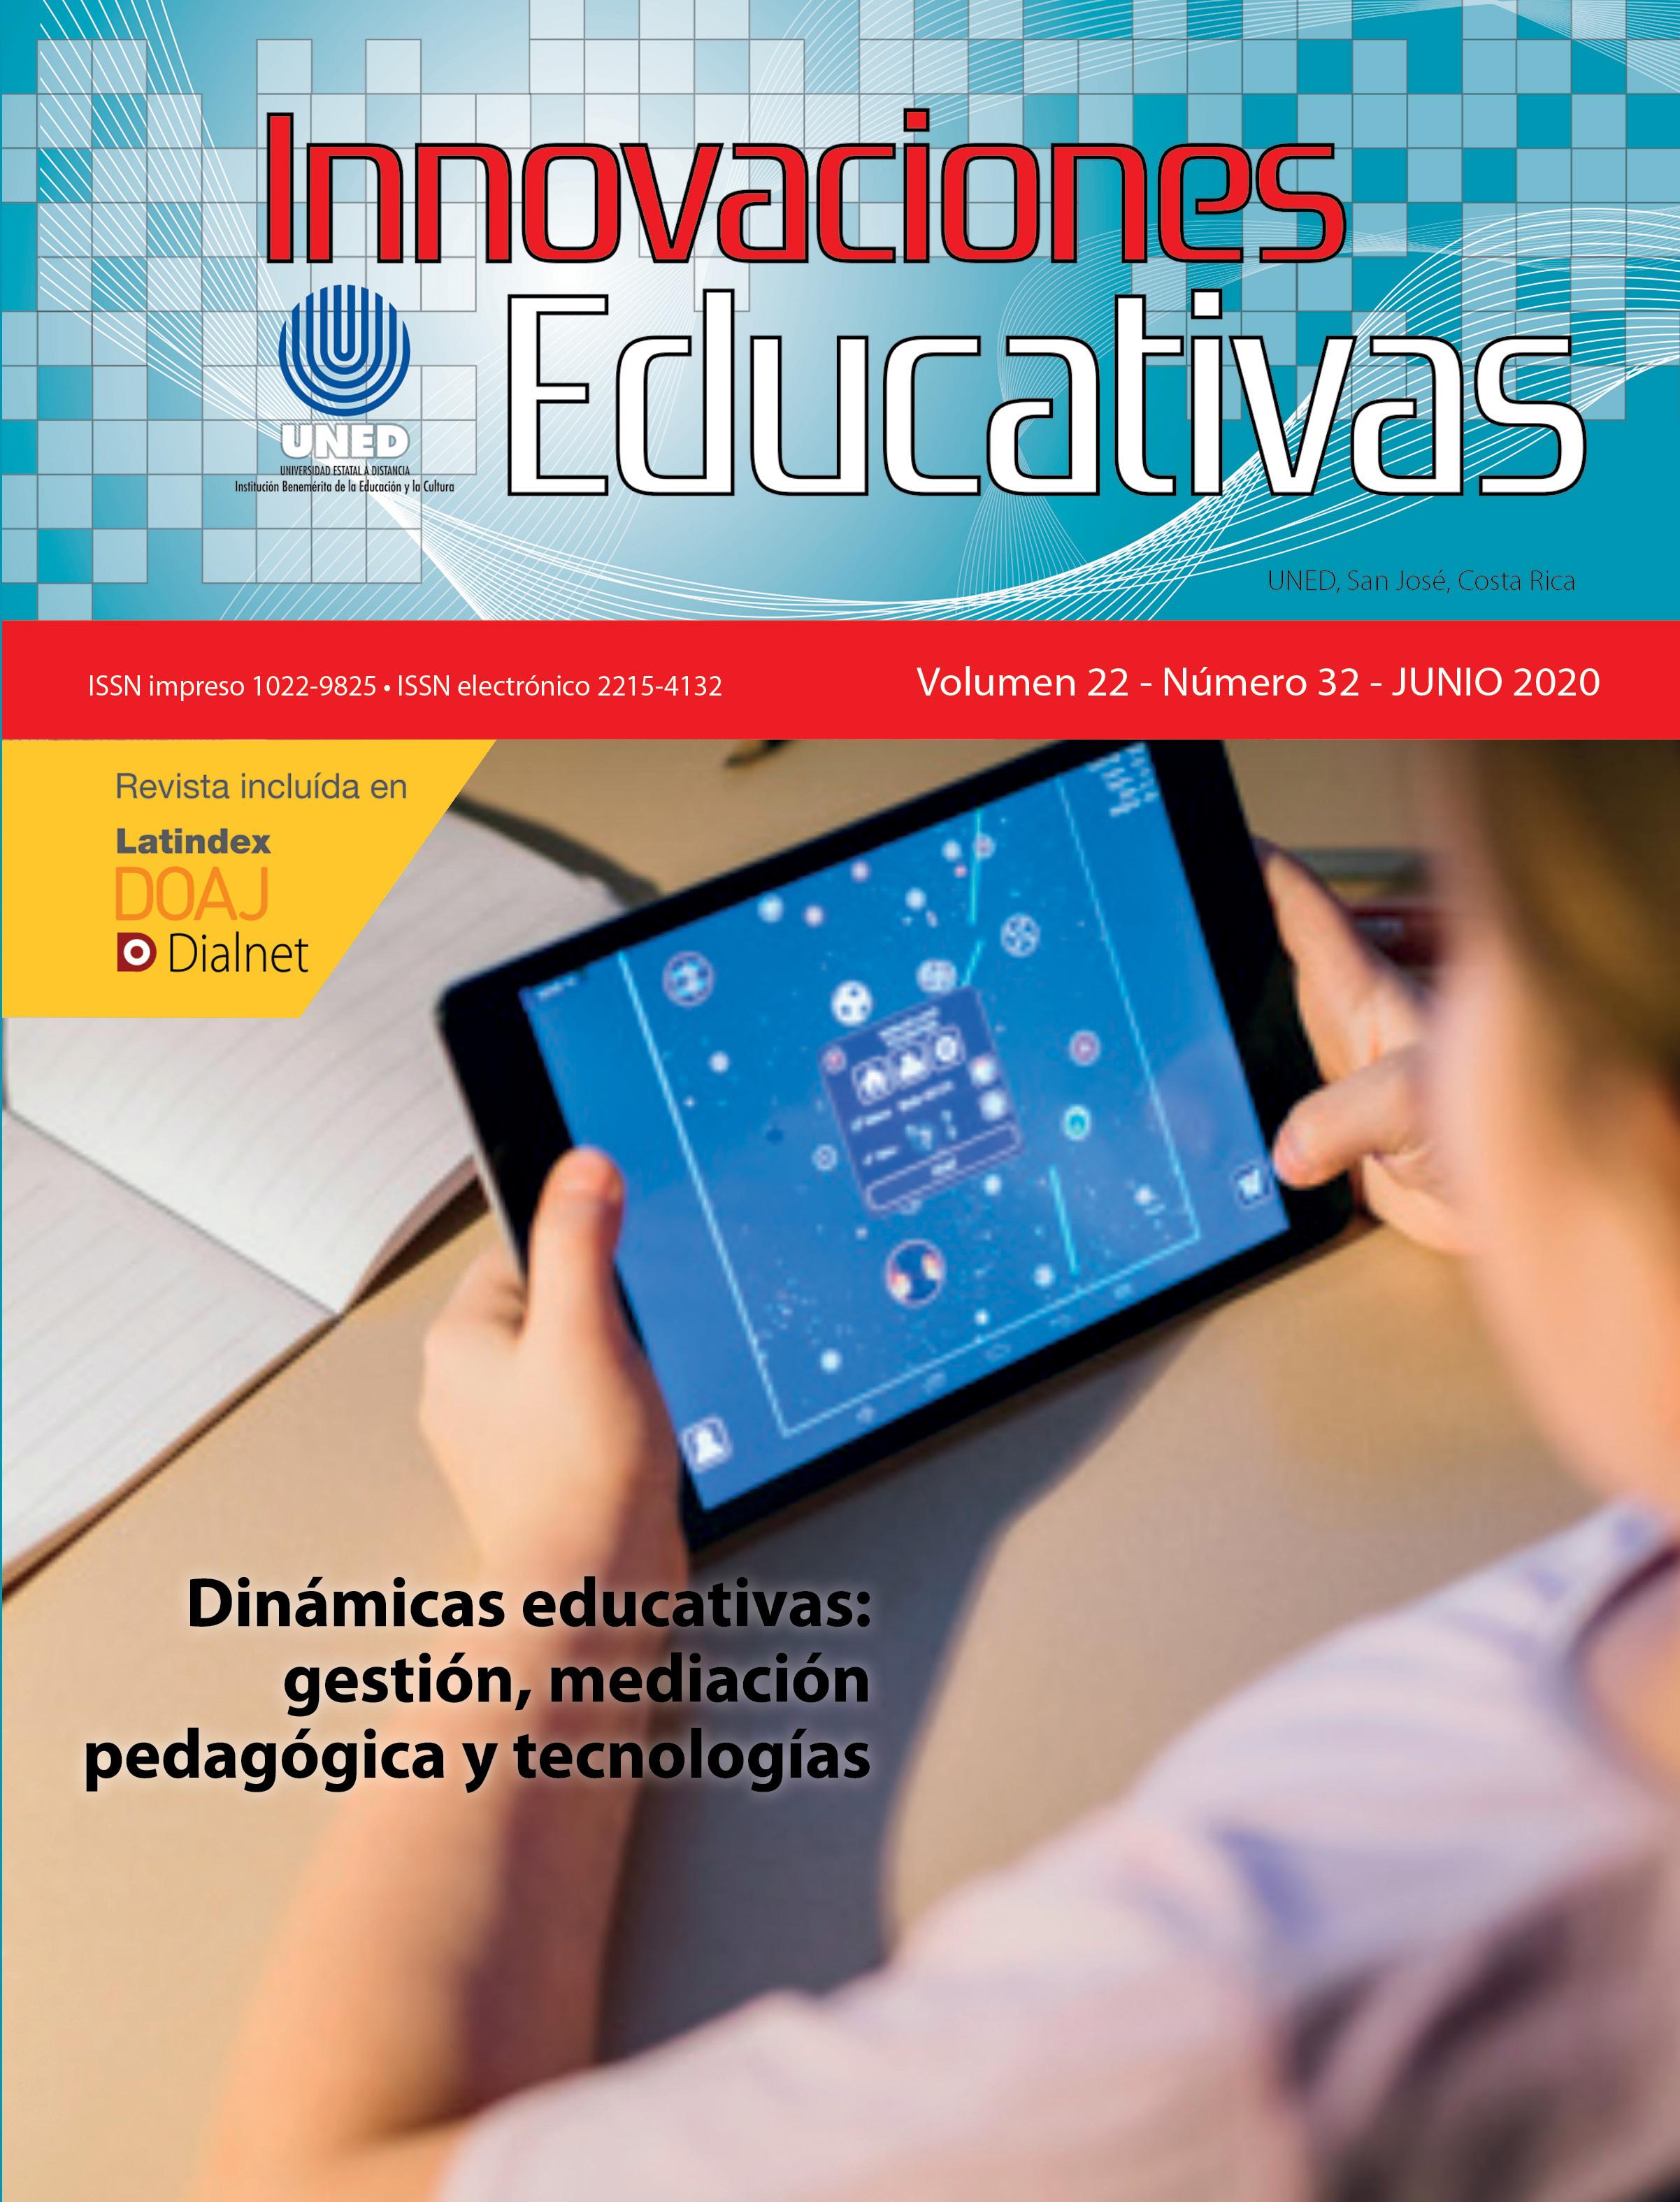 Título: Innovaciones Educativas, Imagen persona con dispositivo electrónico móvil, Titulo: Dinamicas educativas gestión mediación pedagógica y tecnologías